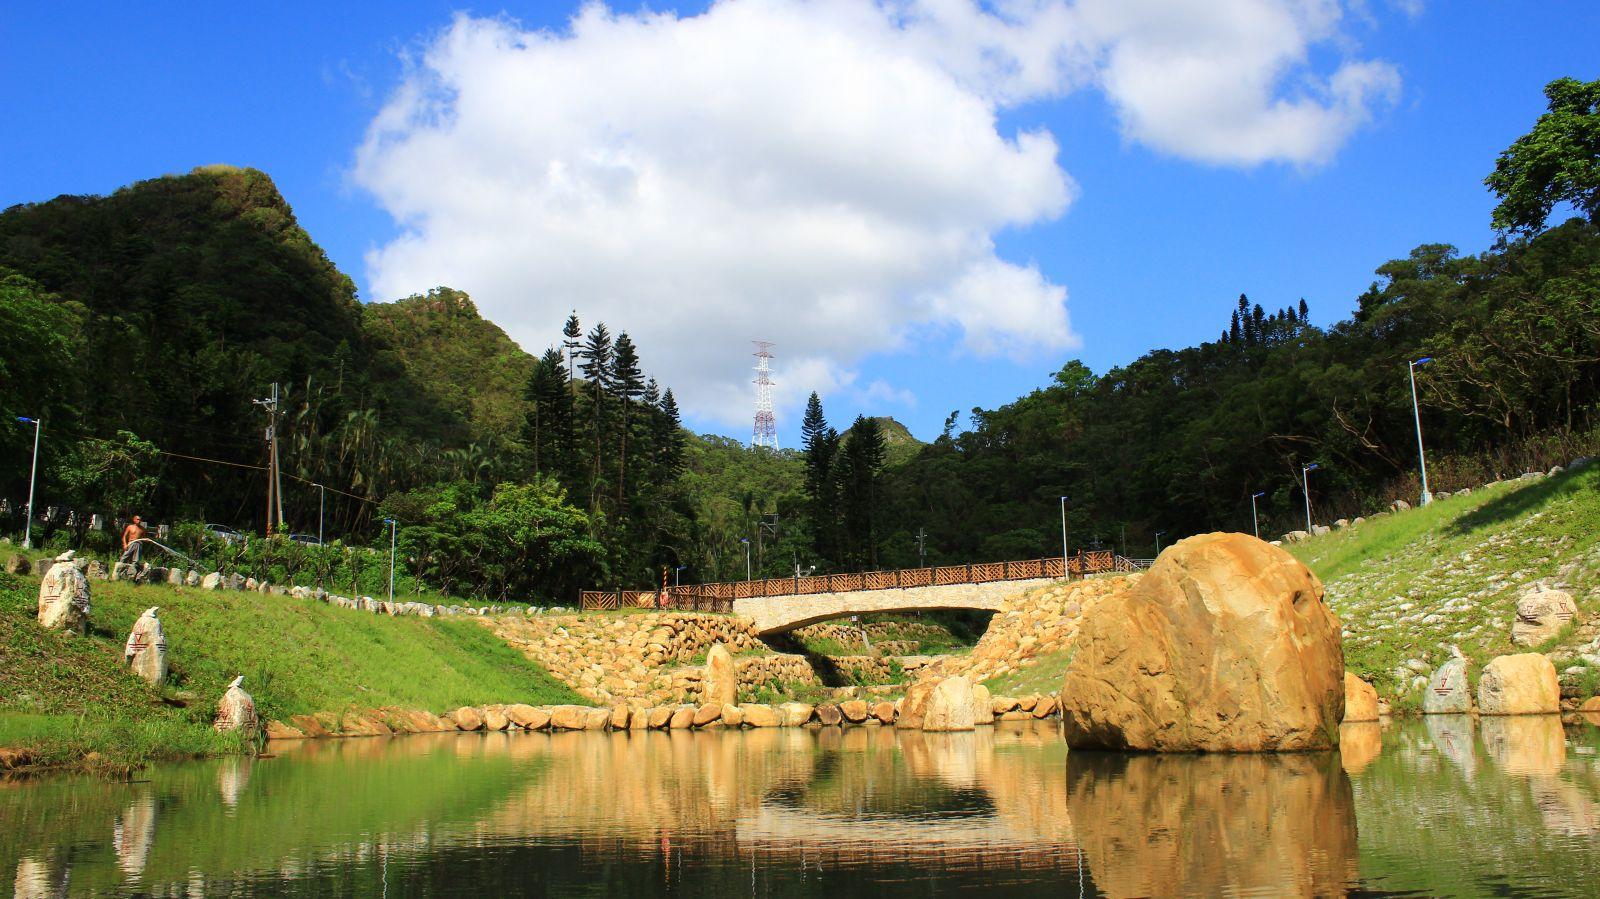 Jinrui Flood Management Park